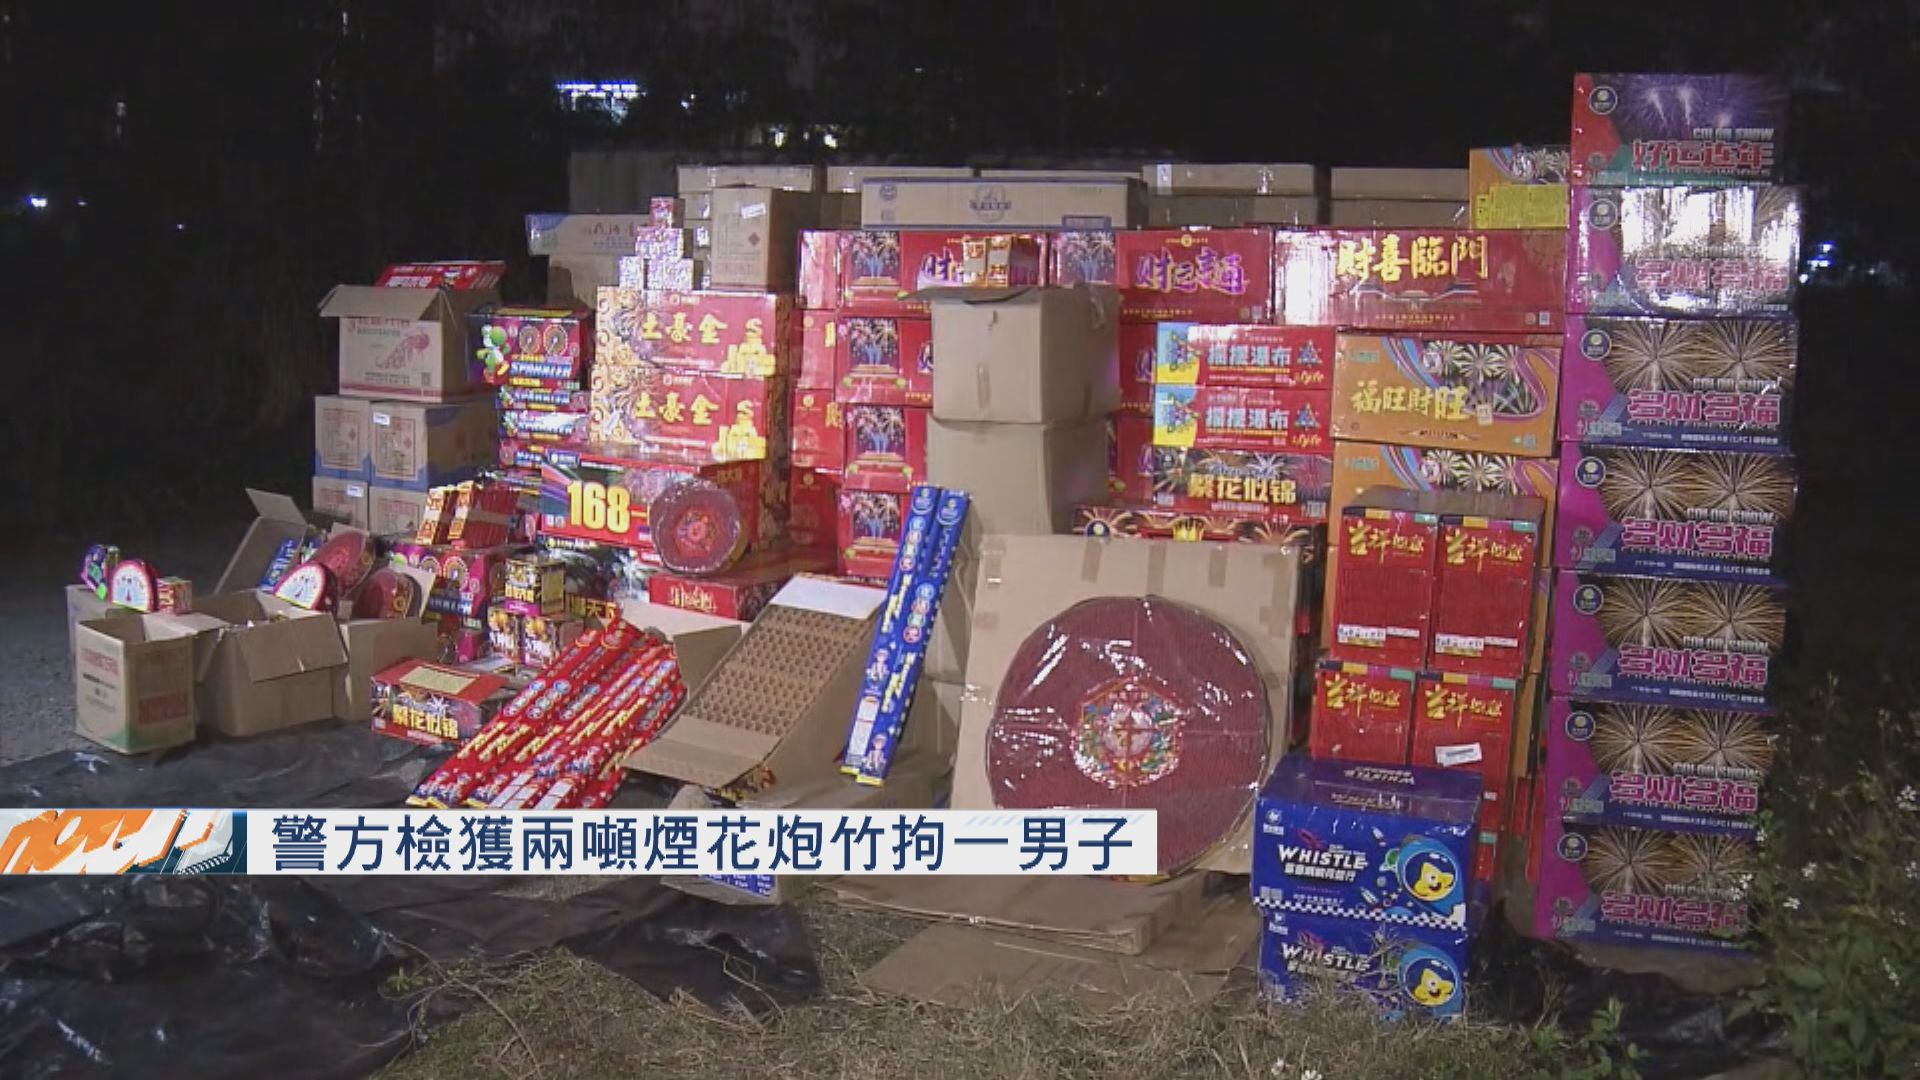 警方檢獲兩噸煙花炮竹拘一男子